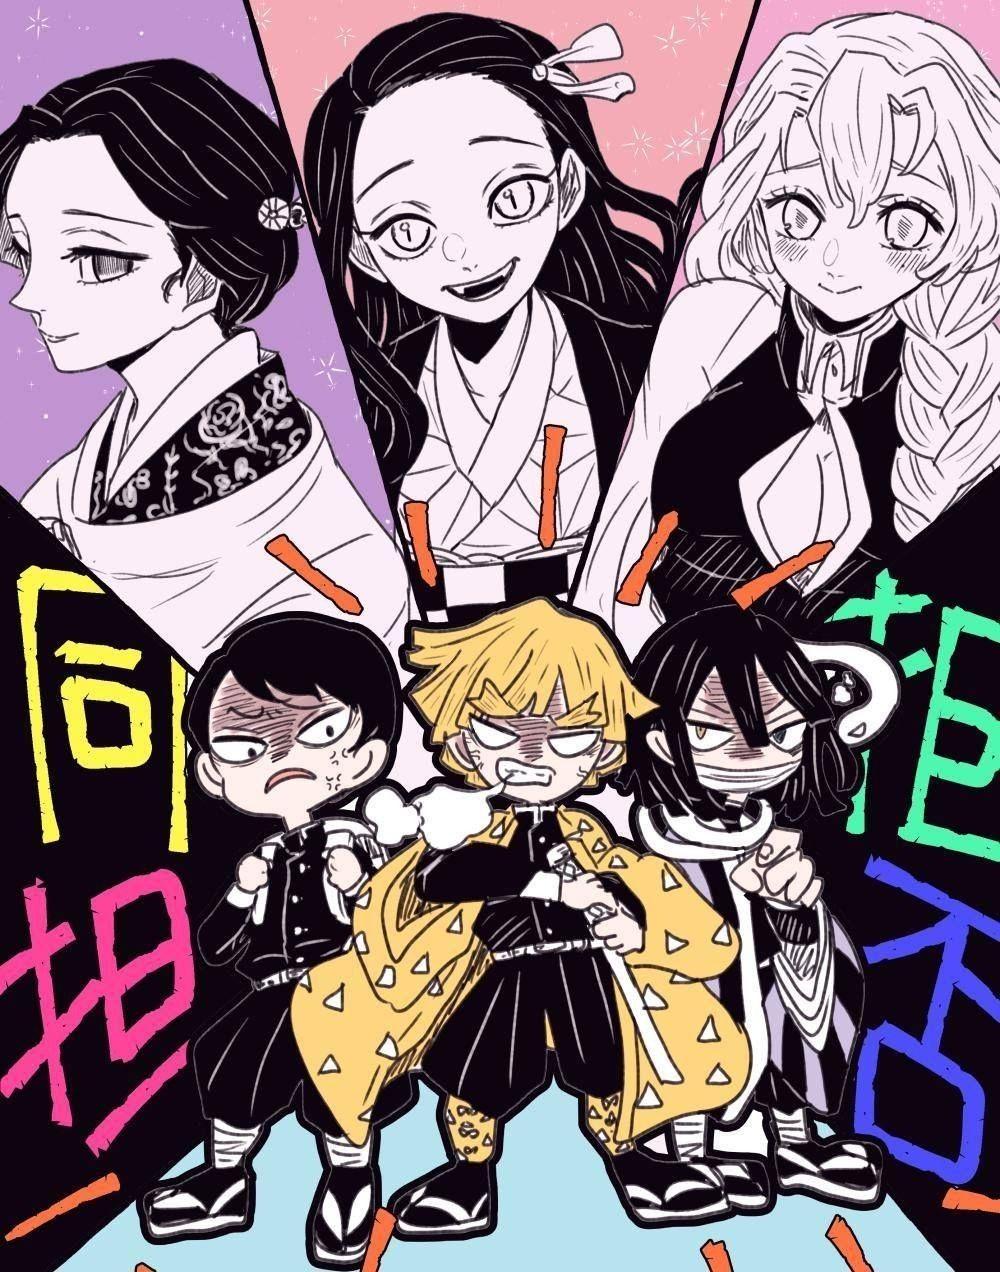 pin by yosamalf on kimetsu no yaiba 鬼滅の刃 anime demon slayer anime slayer